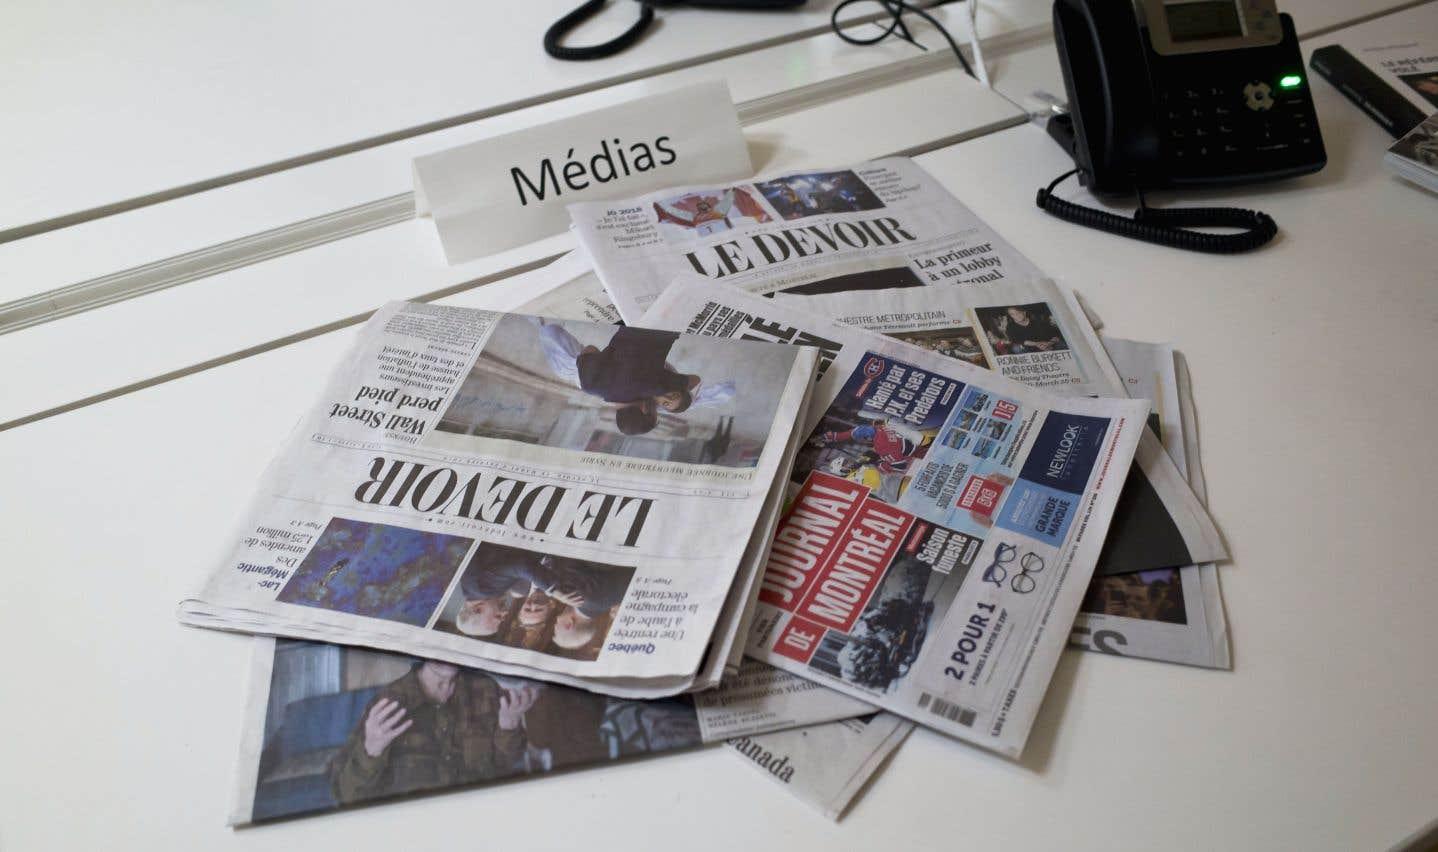 La FNC souhaite que le prochain budget fédéral propose des mesures d'aide à la presse écrite.